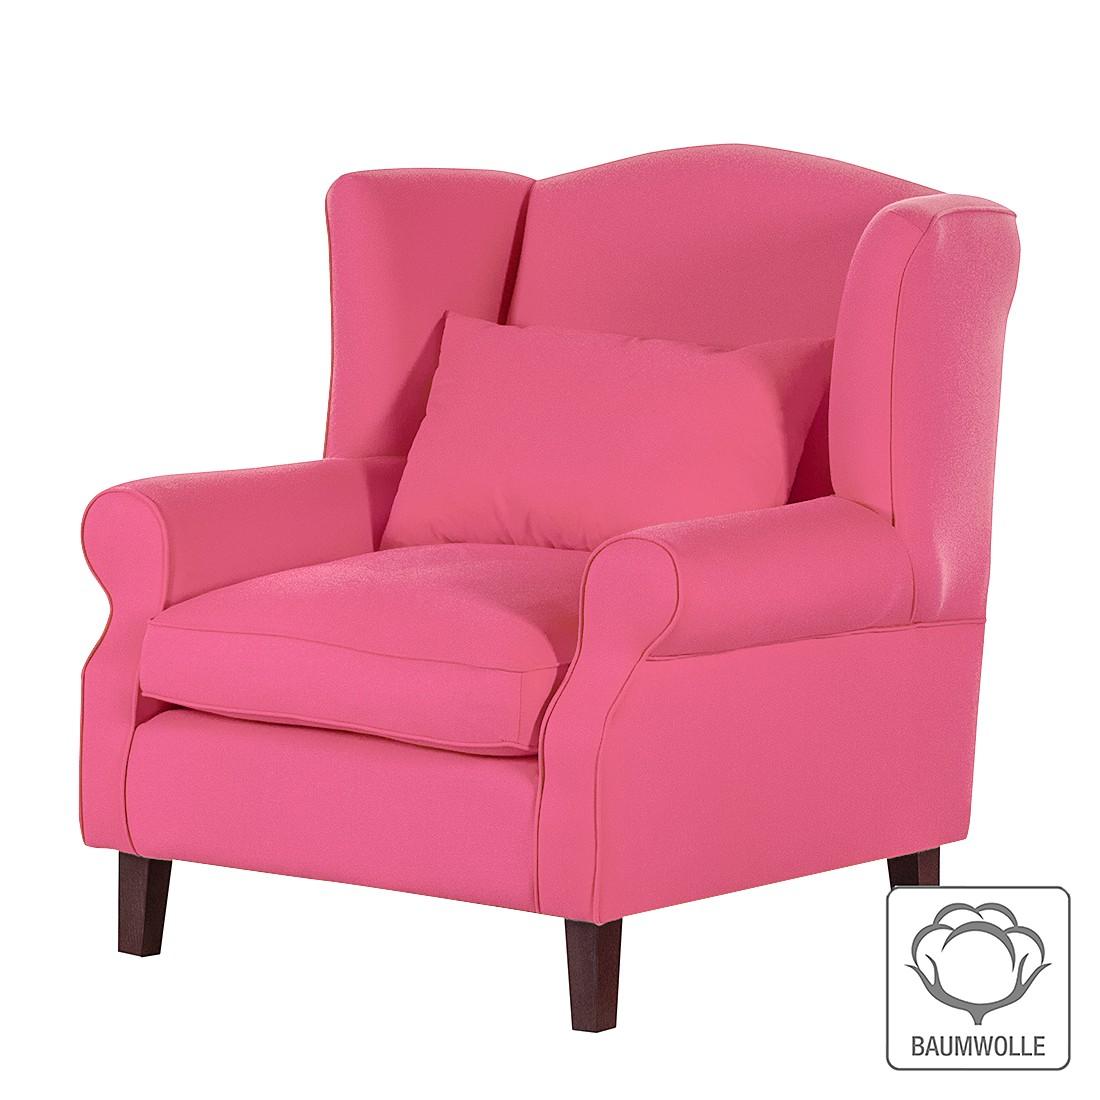 Ohrensessel Sofia – Baumwollstoff Pink, Maison Belfort jetzt bestellen